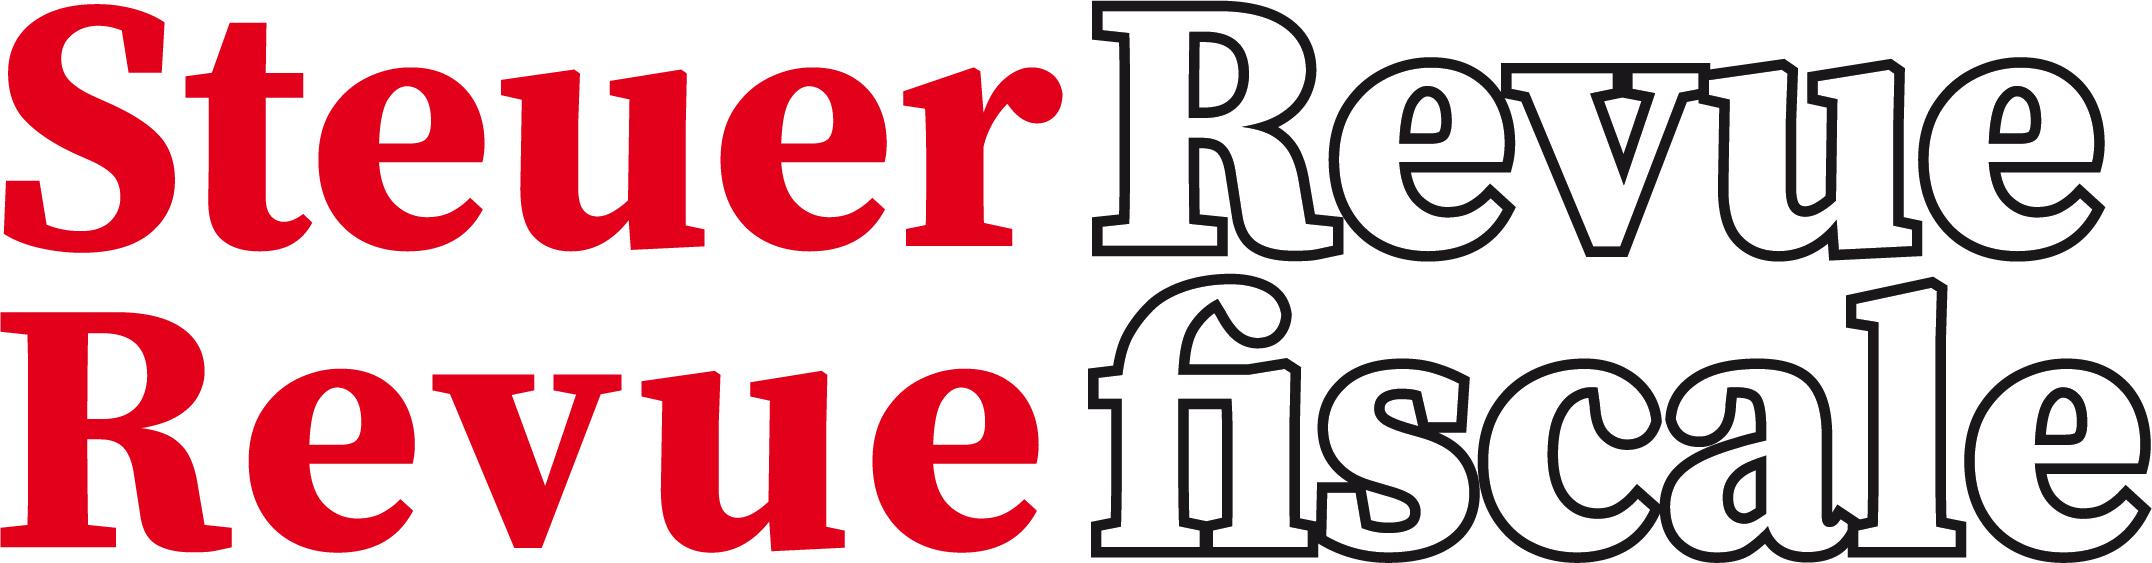 Logo Steuer Revue - Revue fiscale